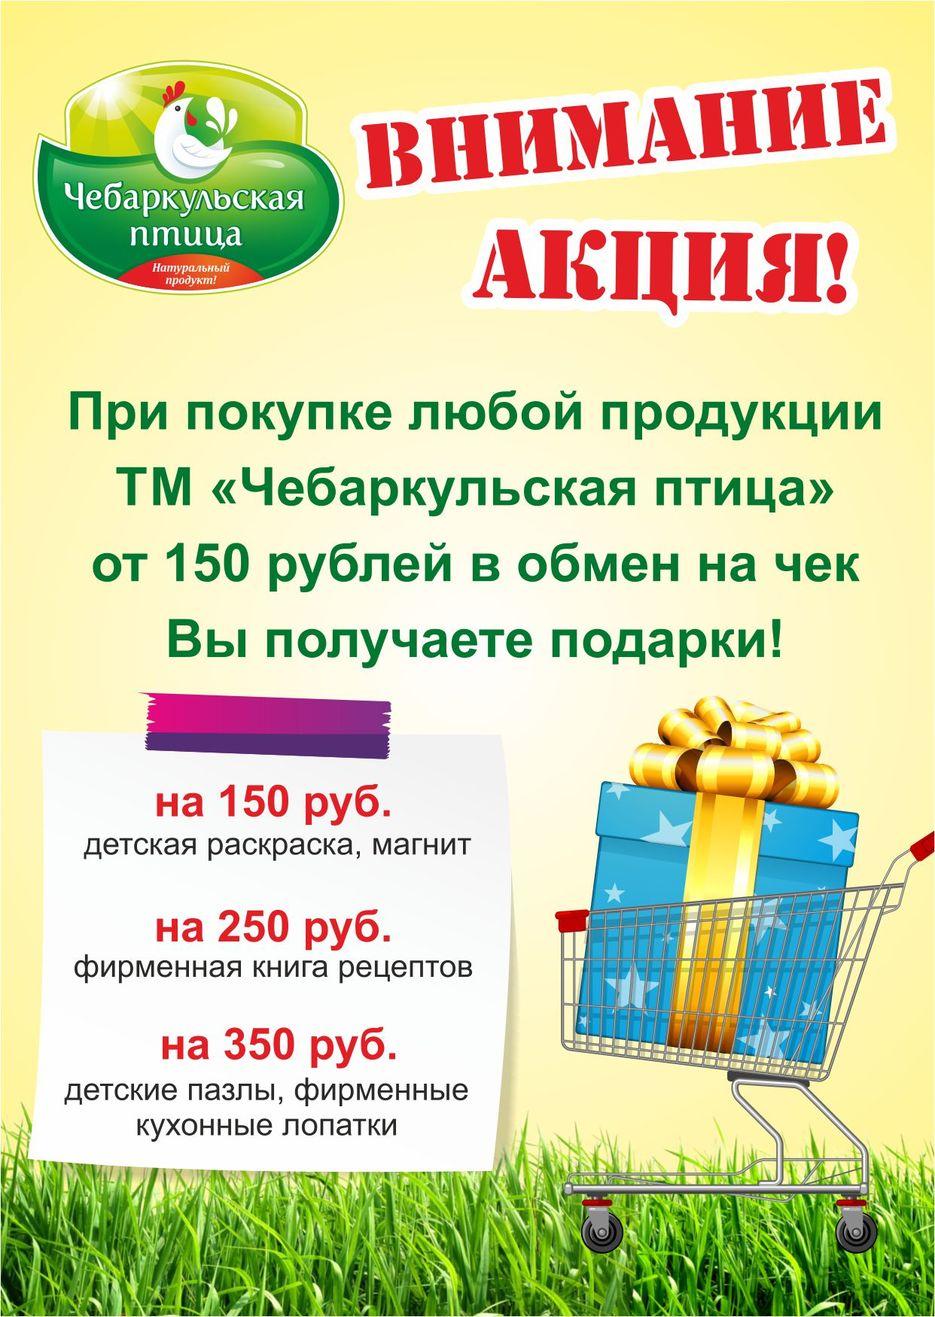 Акция в подарок листовка 32